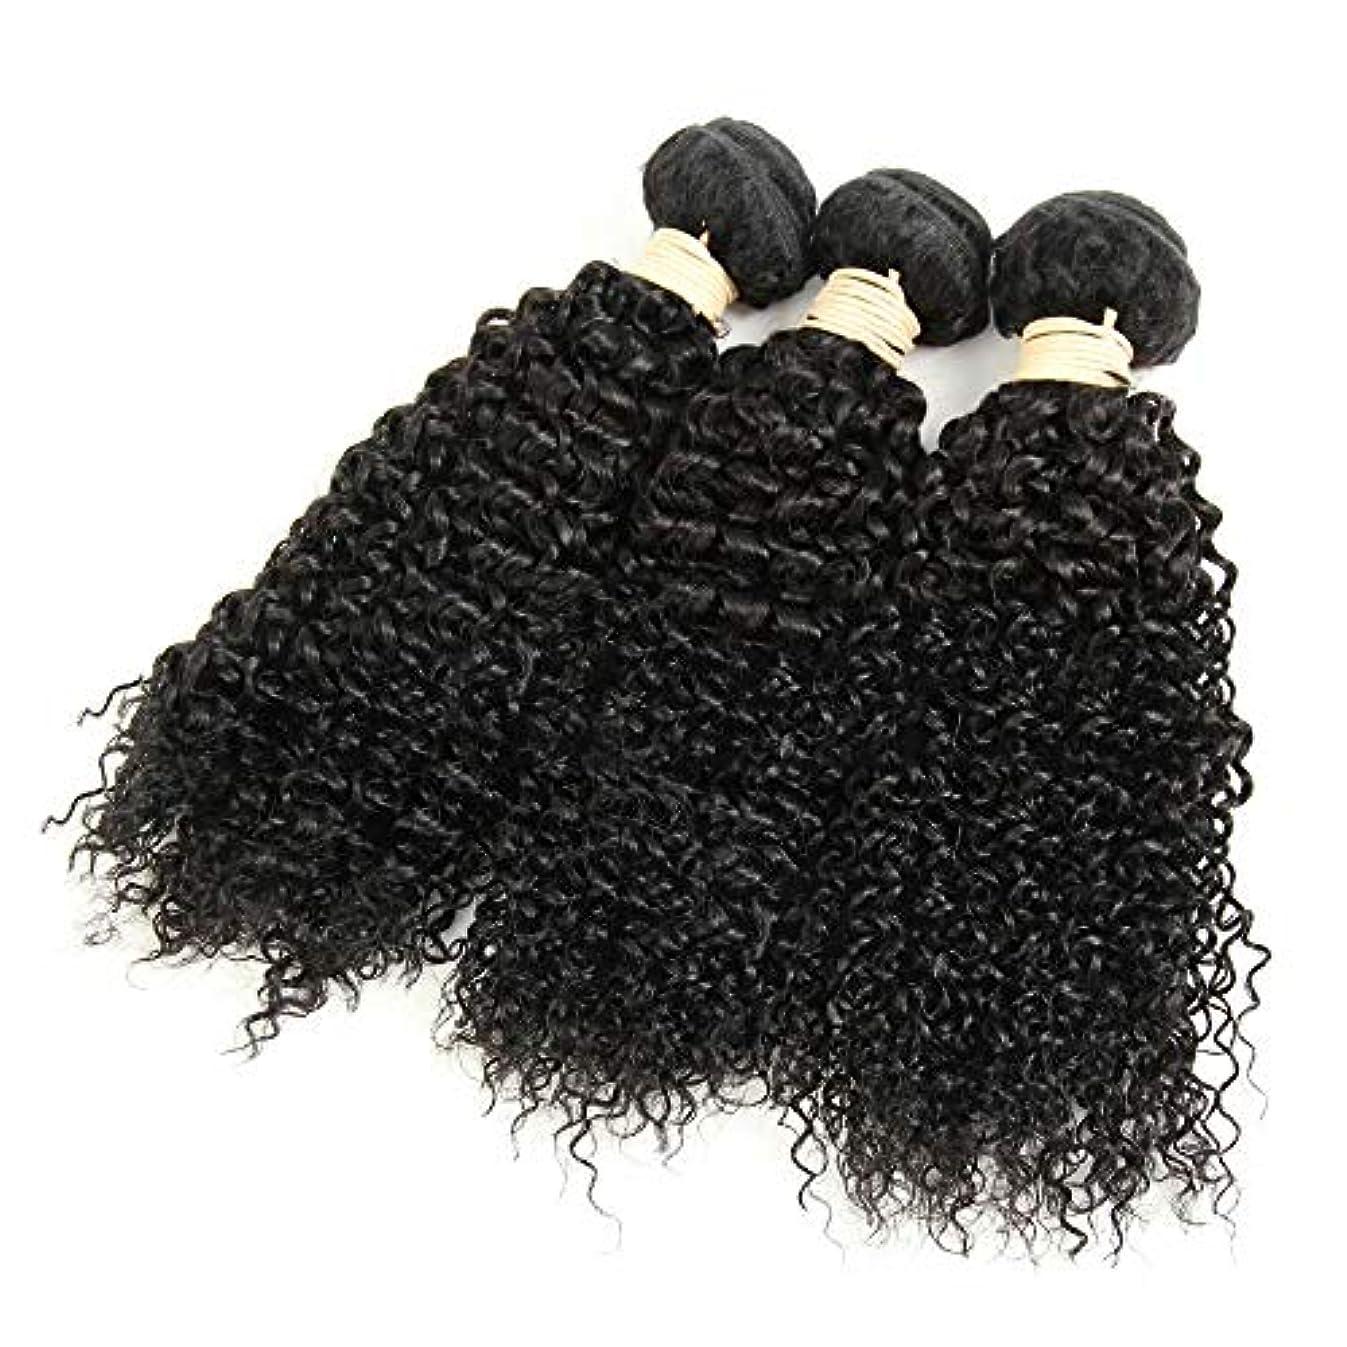 証明職業一目HOHYLLYA 1バンドル変態巻き毛100%本物の人間の髪の毛の束ブラジルのディープウェーブの毛未処理の髪を編む(8